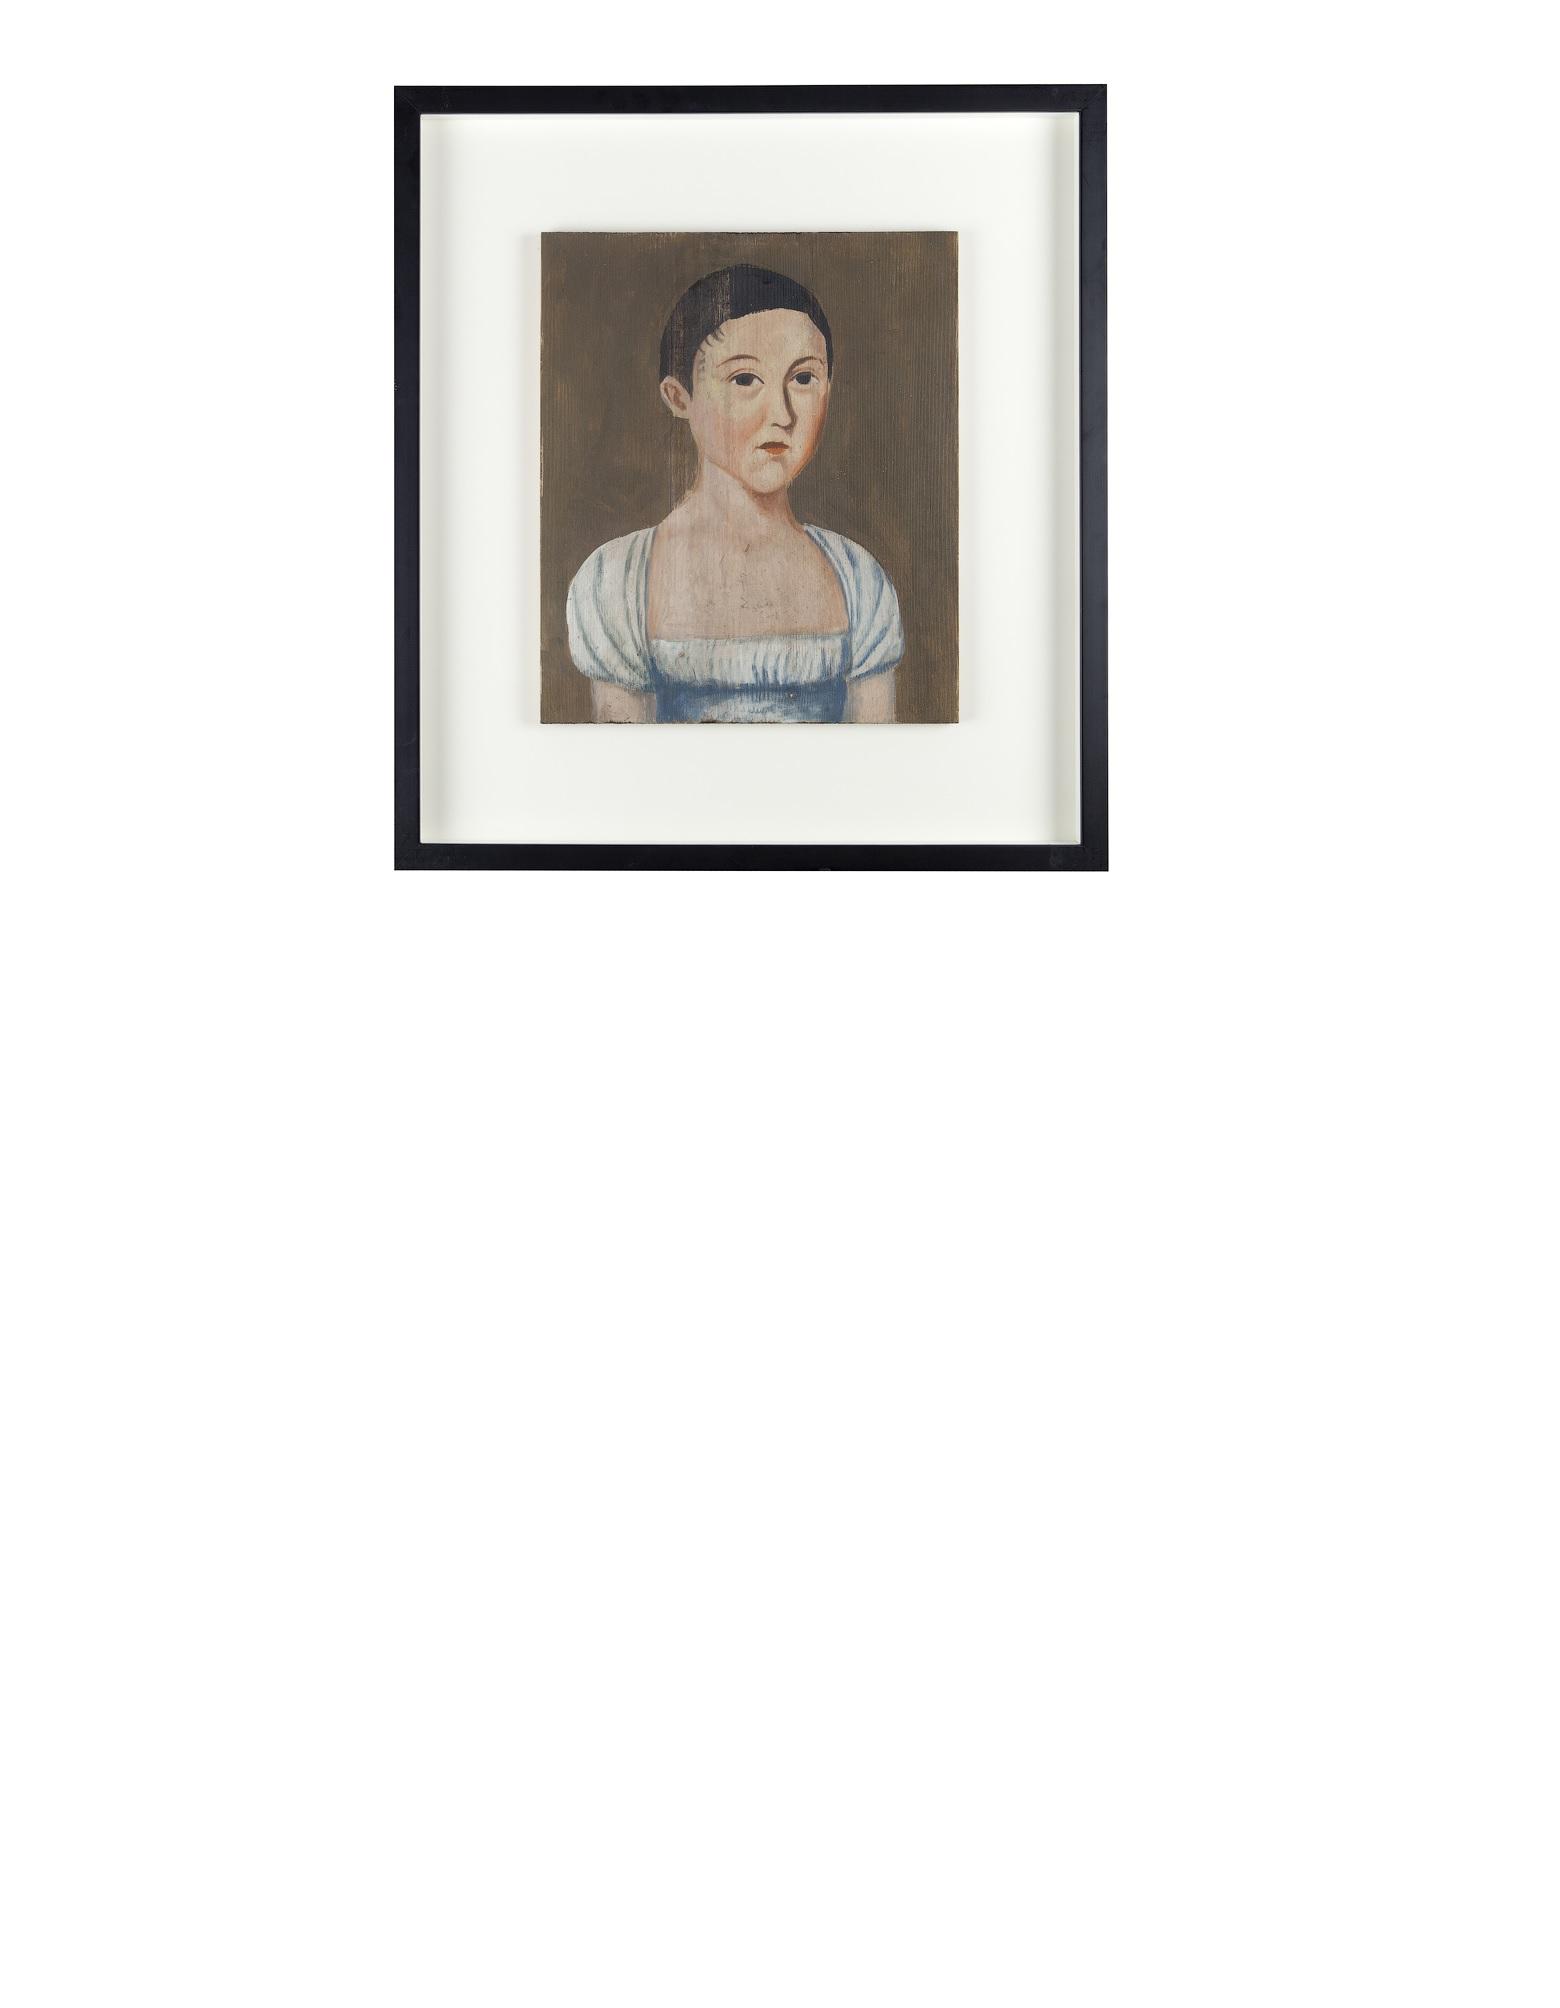 Комплект портретов  Холстон (6 шт)Картины<br>&amp;lt;div&amp;gt;&amp;lt;div&amp;gt;Картины способны преобразить &amp;amp;nbsp;интерьер с минимумом затрат. Это мини-собрание из нескольких полотен организует подобие причудливой галереи с оттенком примитивизма в домашних условиях.&amp;lt;/div&amp;gt;&amp;lt;div&amp;gt;&amp;lt;br&amp;gt;&amp;lt;/div&amp;gt;&amp;lt;div&amp;gt;Панель состоит из шести портретов&amp;lt;/div&amp;gt;&amp;lt;/div&amp;gt;Материал: дерево, стекло, металл<br><br>Material: Дерево<br>Width см: 128<br>Depth см: 6<br>Height см: 157